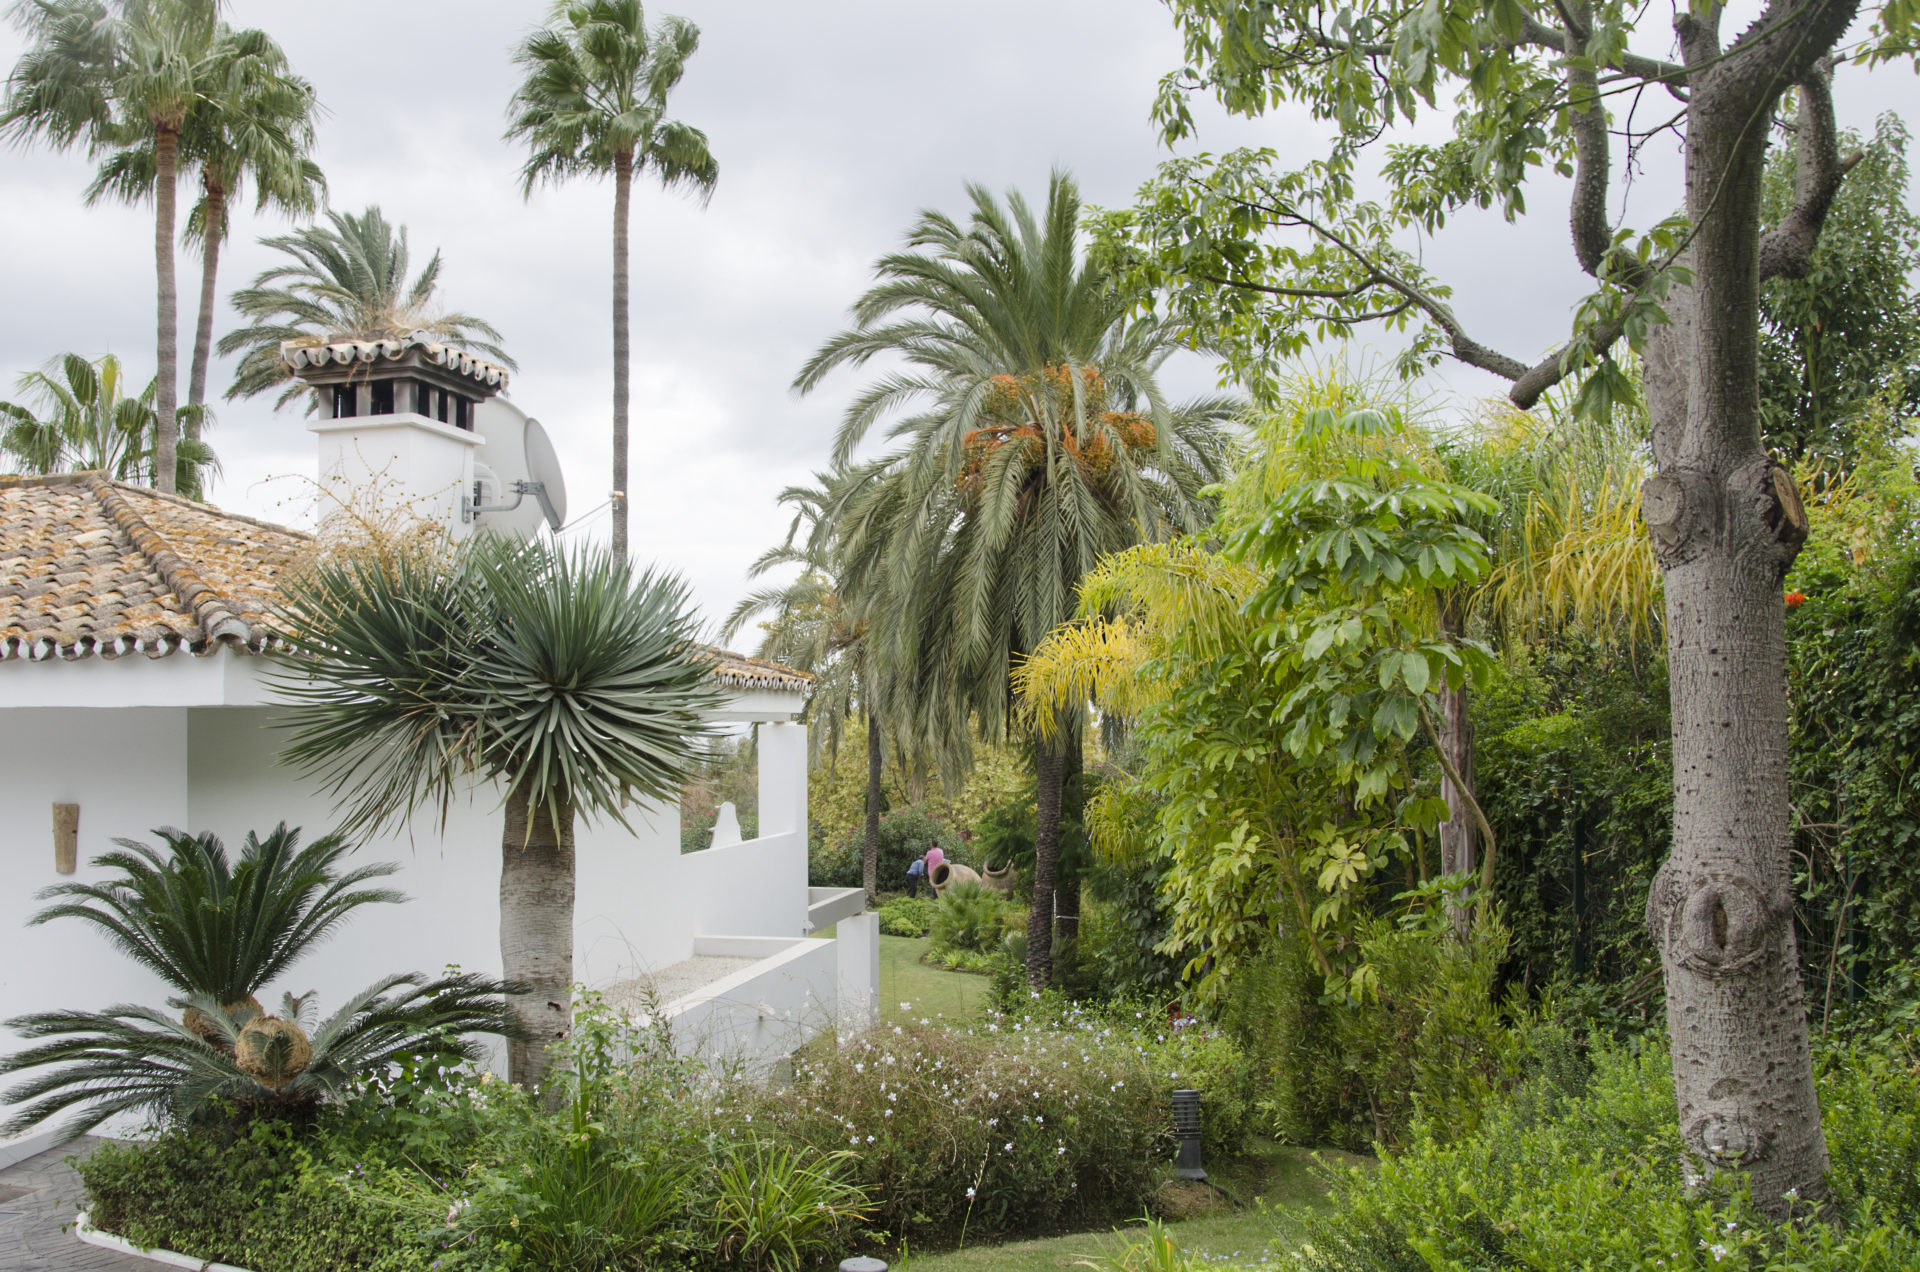 Jardín en la Las Lomas de Marbella club